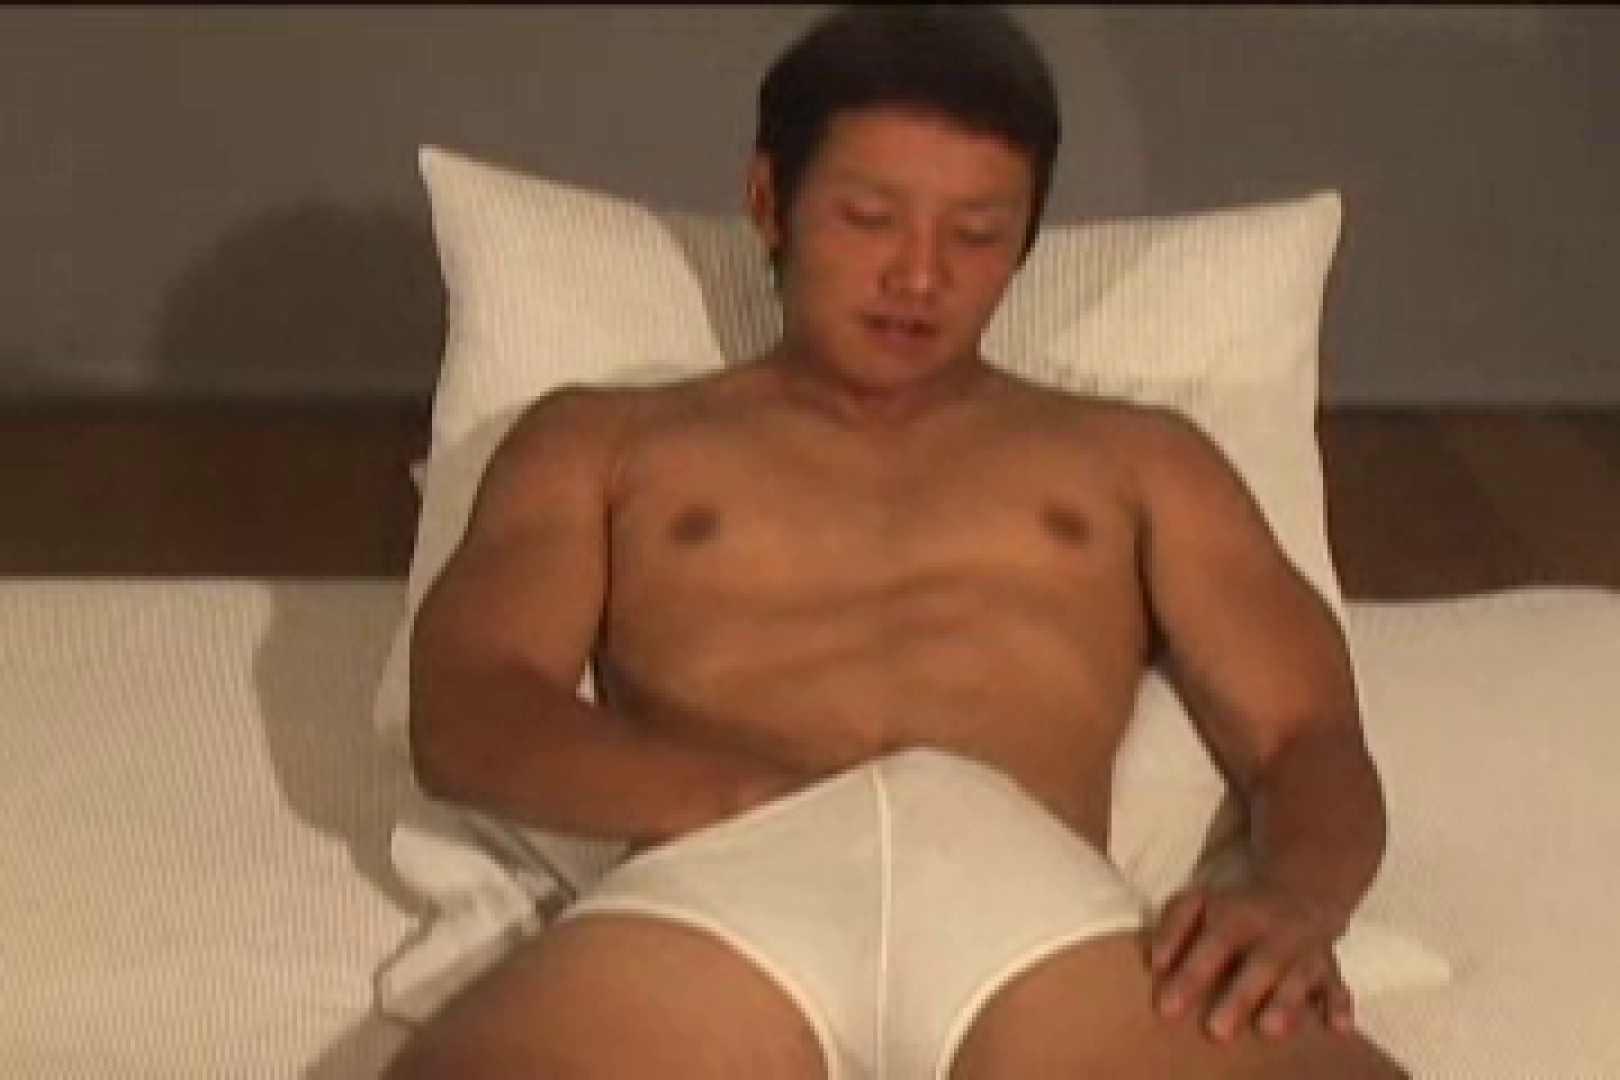 スポMENファック!!反り勃つ男根!!vol.4 スポーツマン  107pic 6